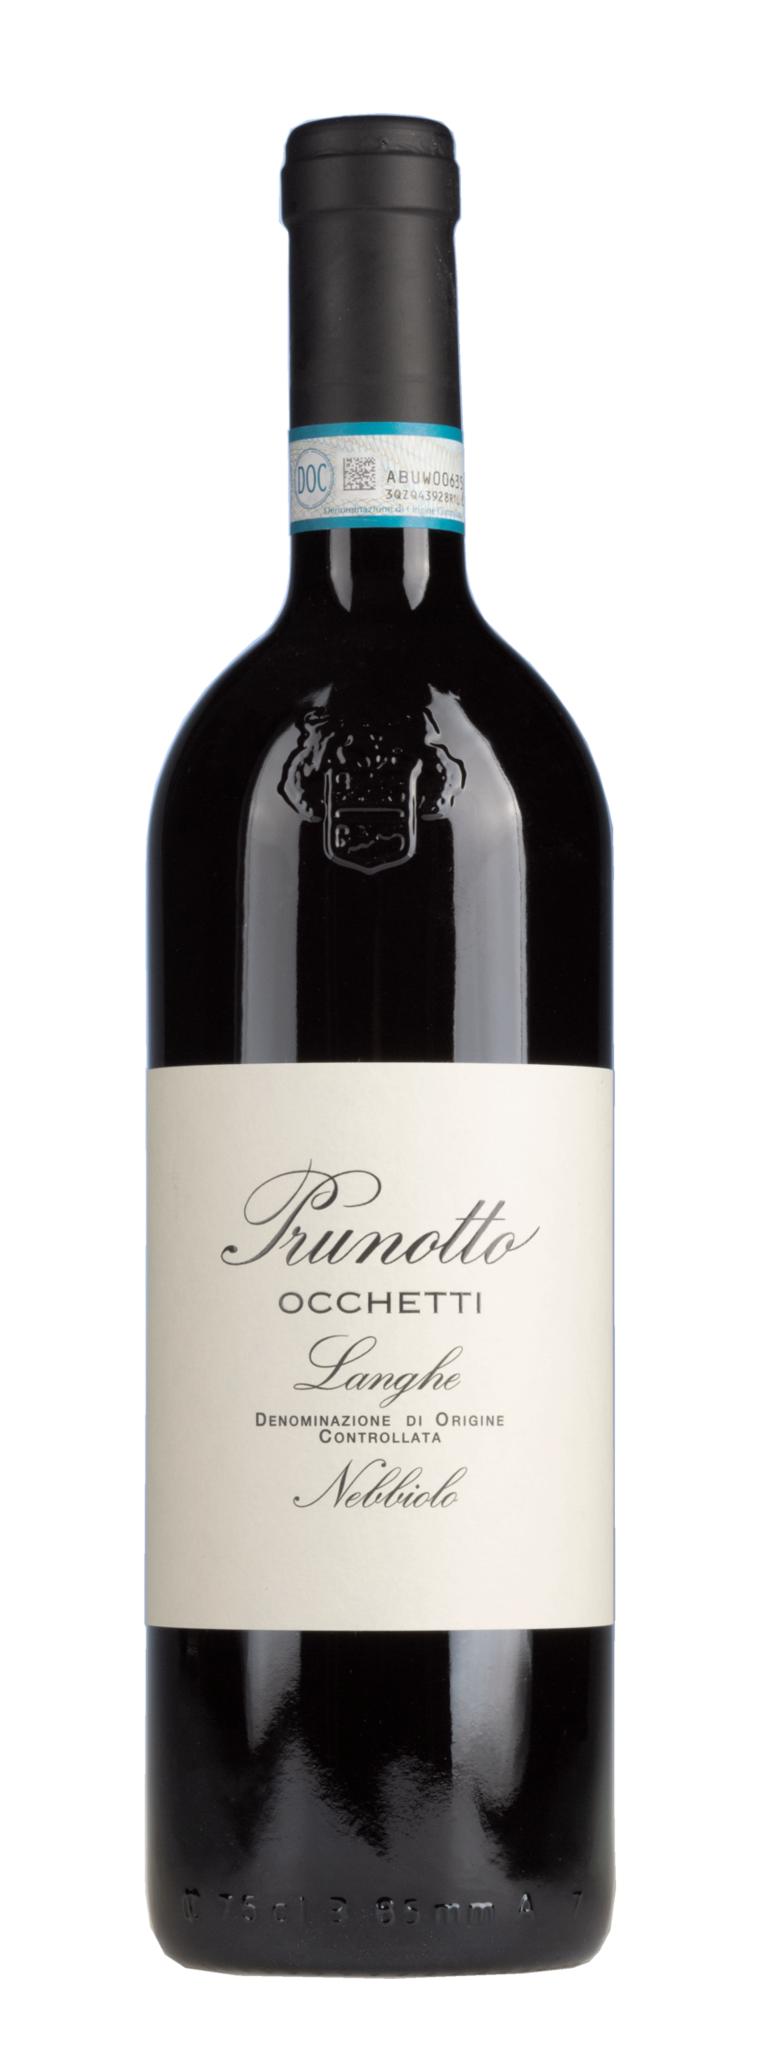 Prunotto - Piemont 2018 Langhe Nebbiolo Occhetti, Prunotto